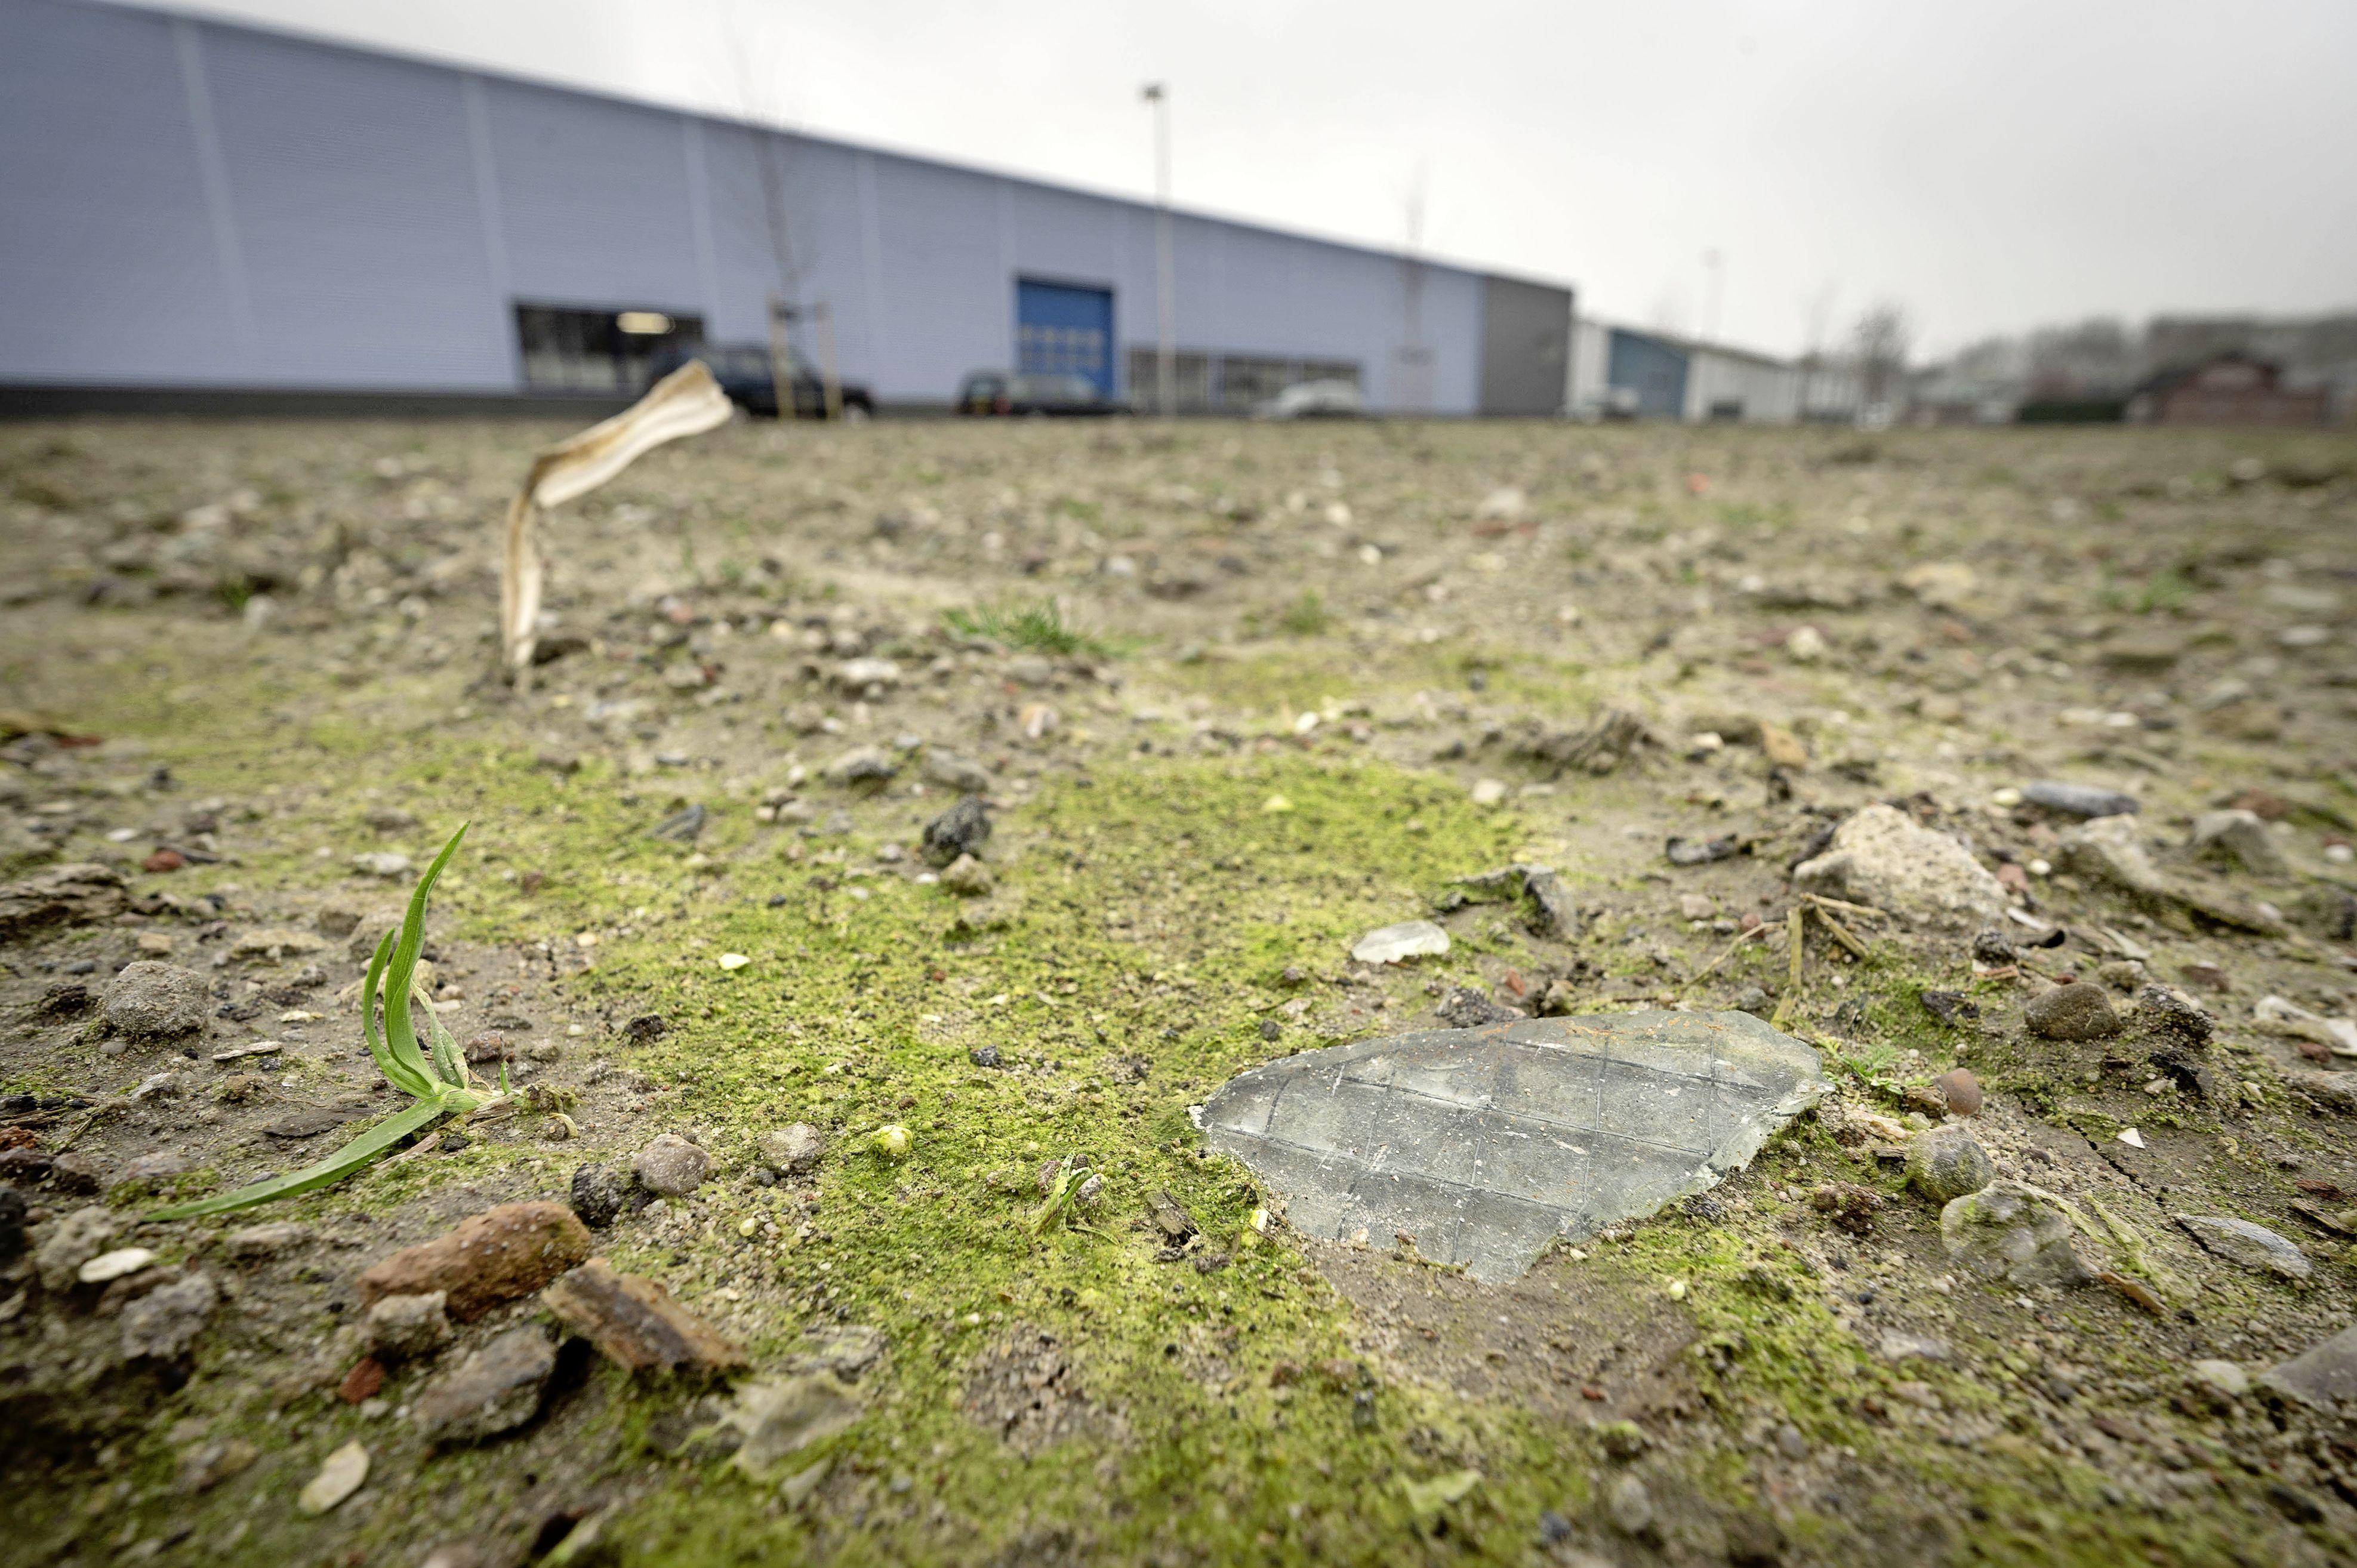 CDA bezorgd over vervuilde grond in nieuw Leiderdorps park Agthoven